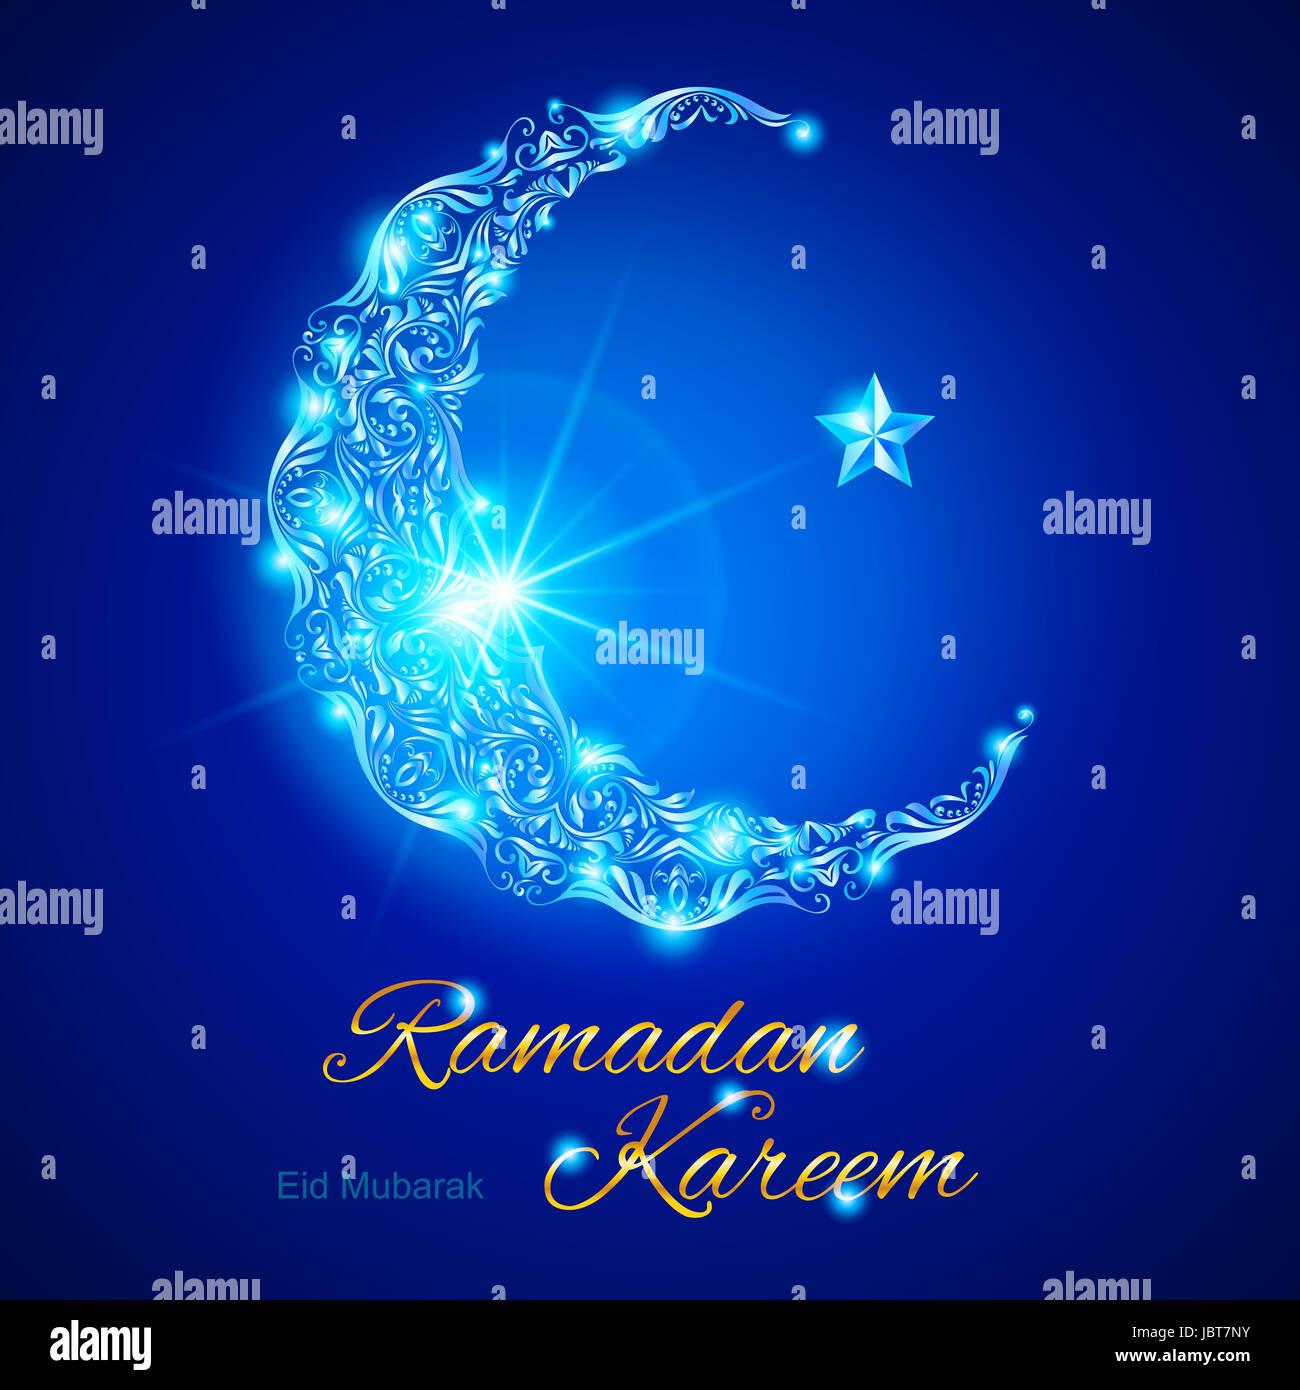 Eid Mubarak Glow Crescent Star Stock Photos Eid Mubarak Glow